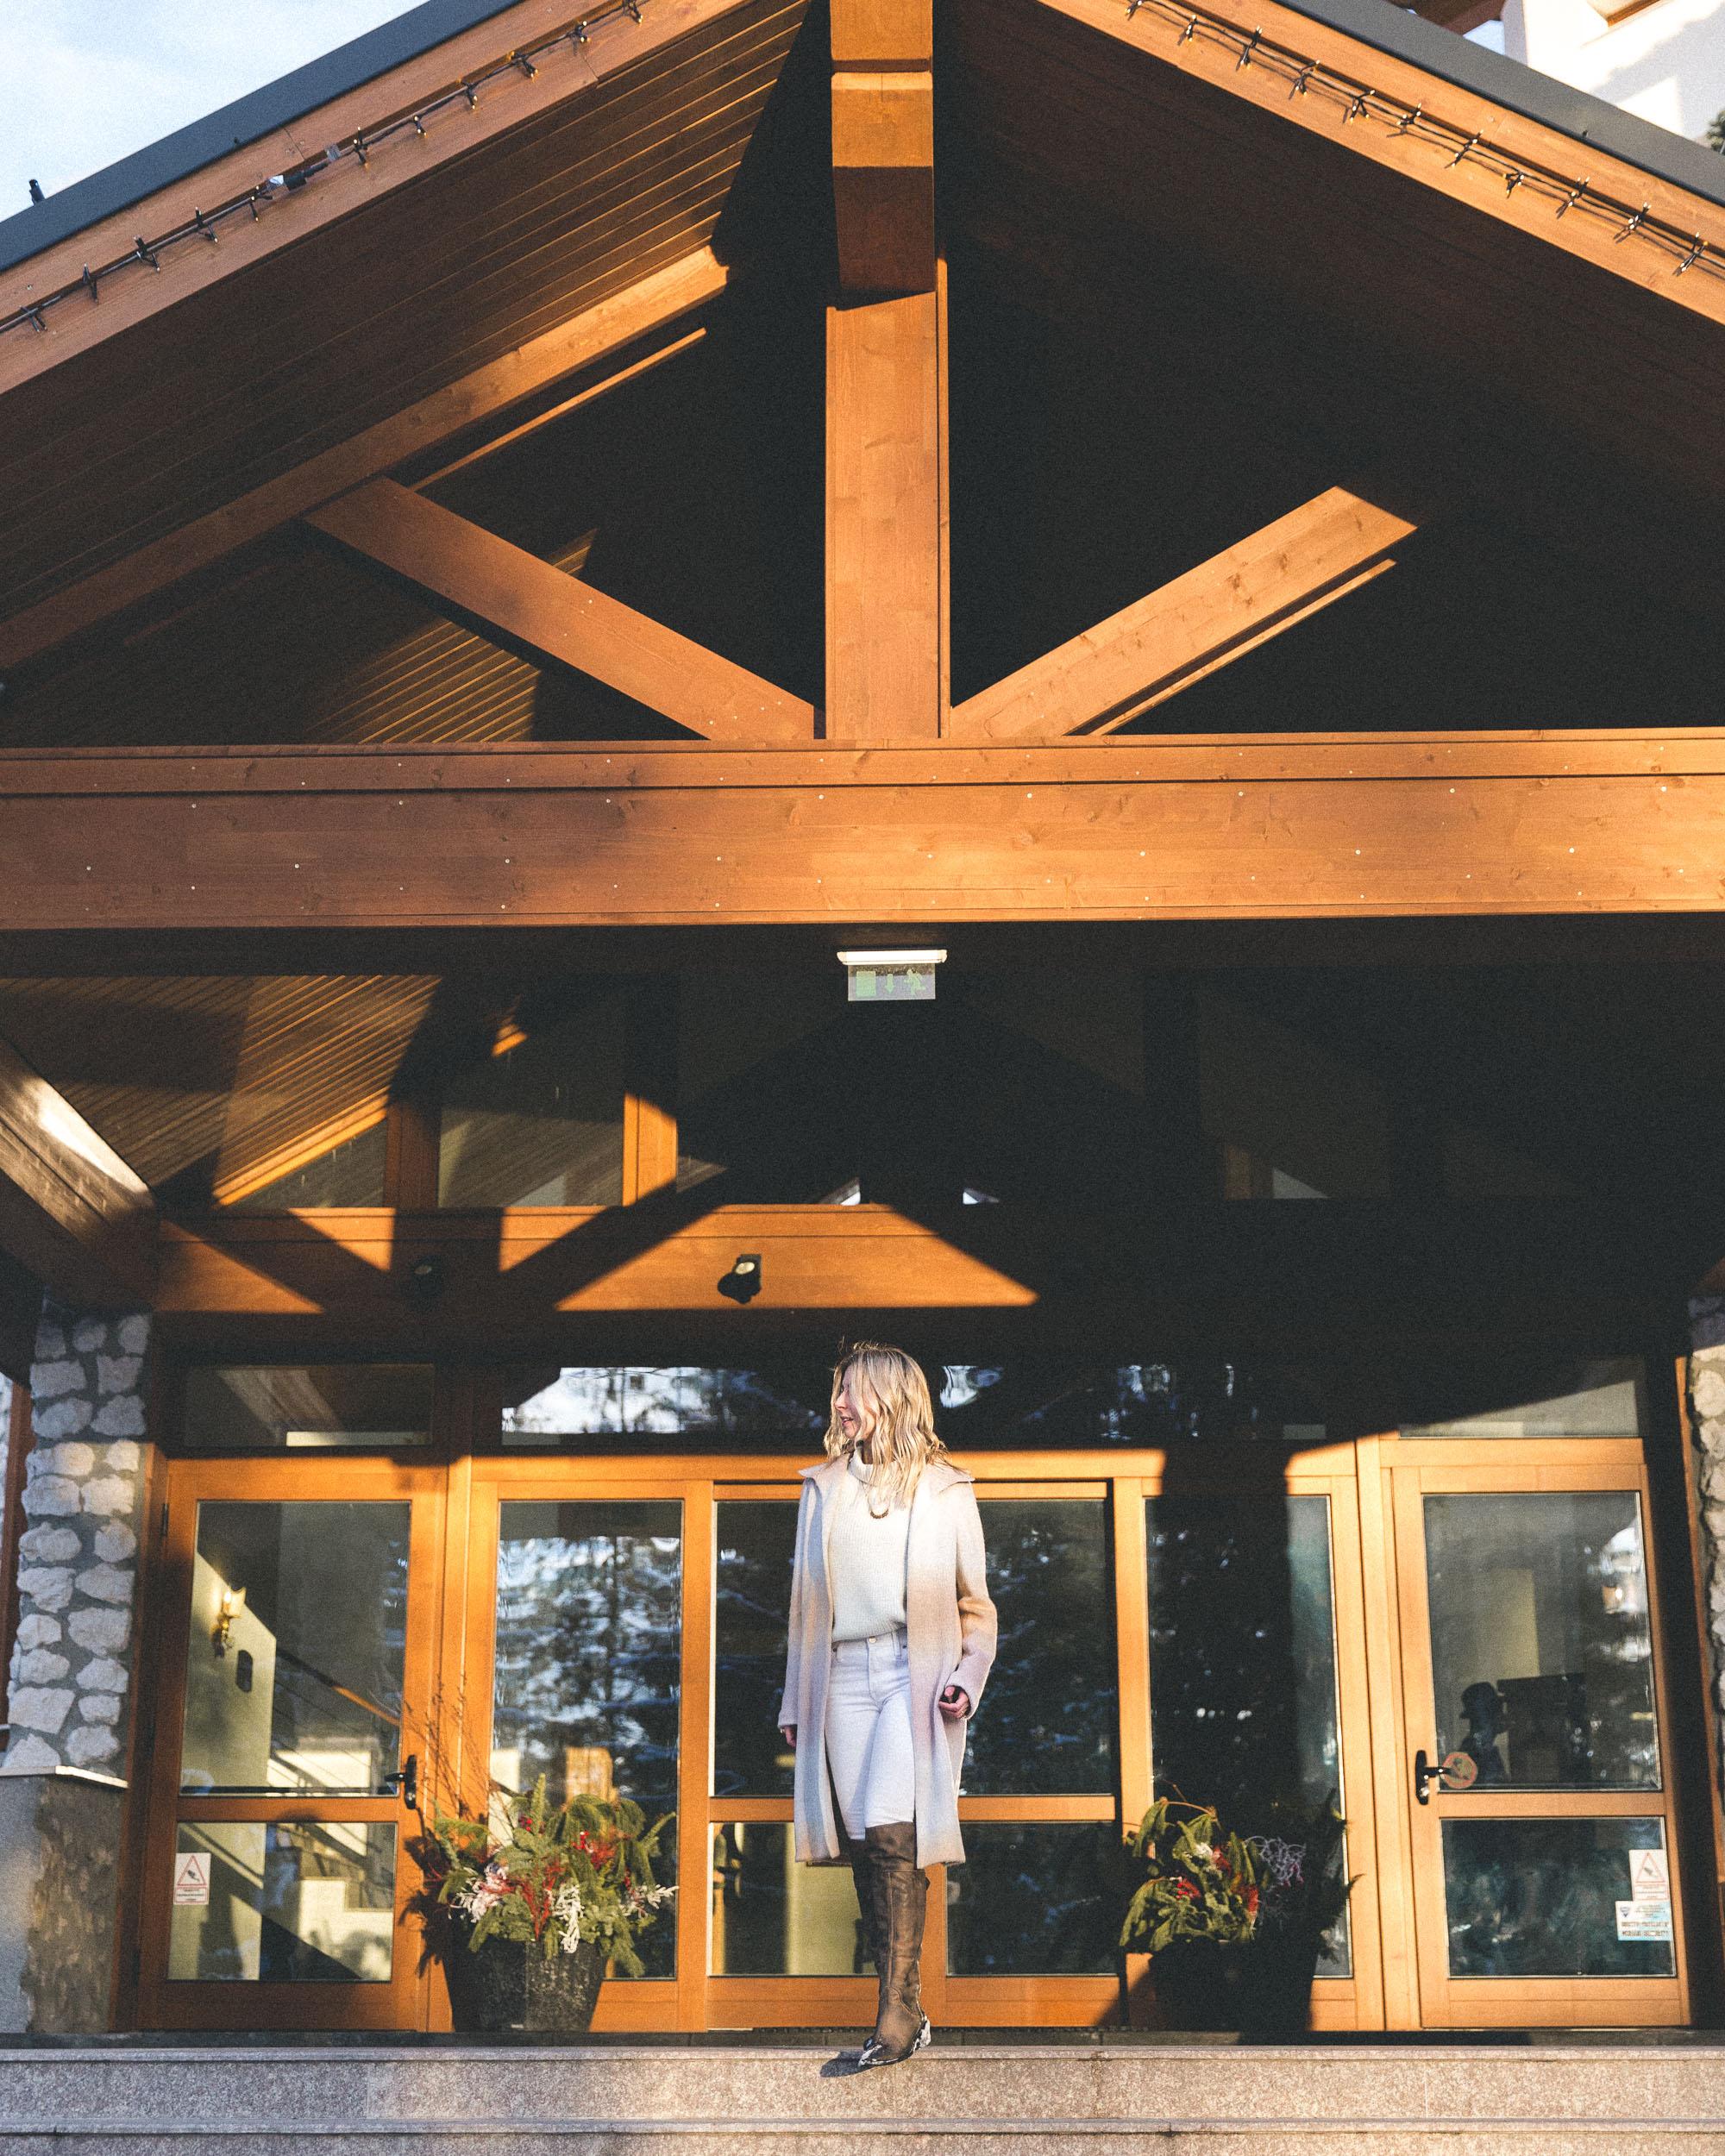 Romania, Grand Teleferic Hotel via Find Us Lost